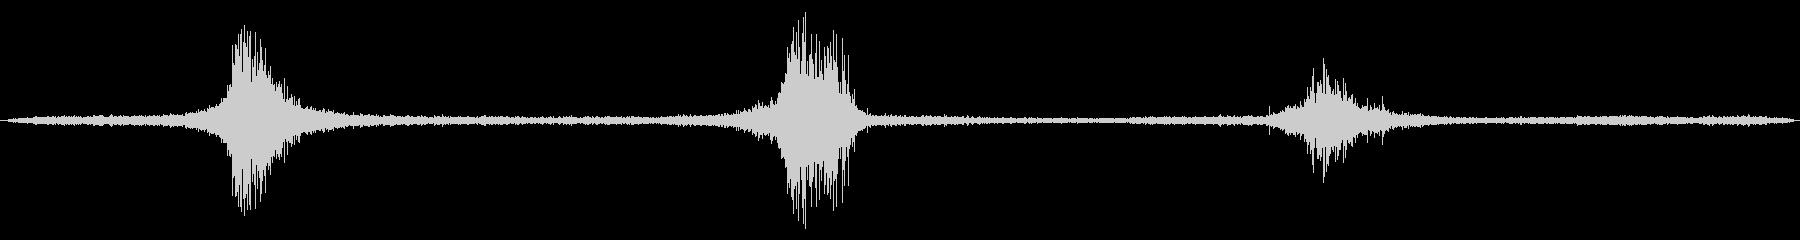 1985シェビーカマロ:高速3回ド...の未再生の波形